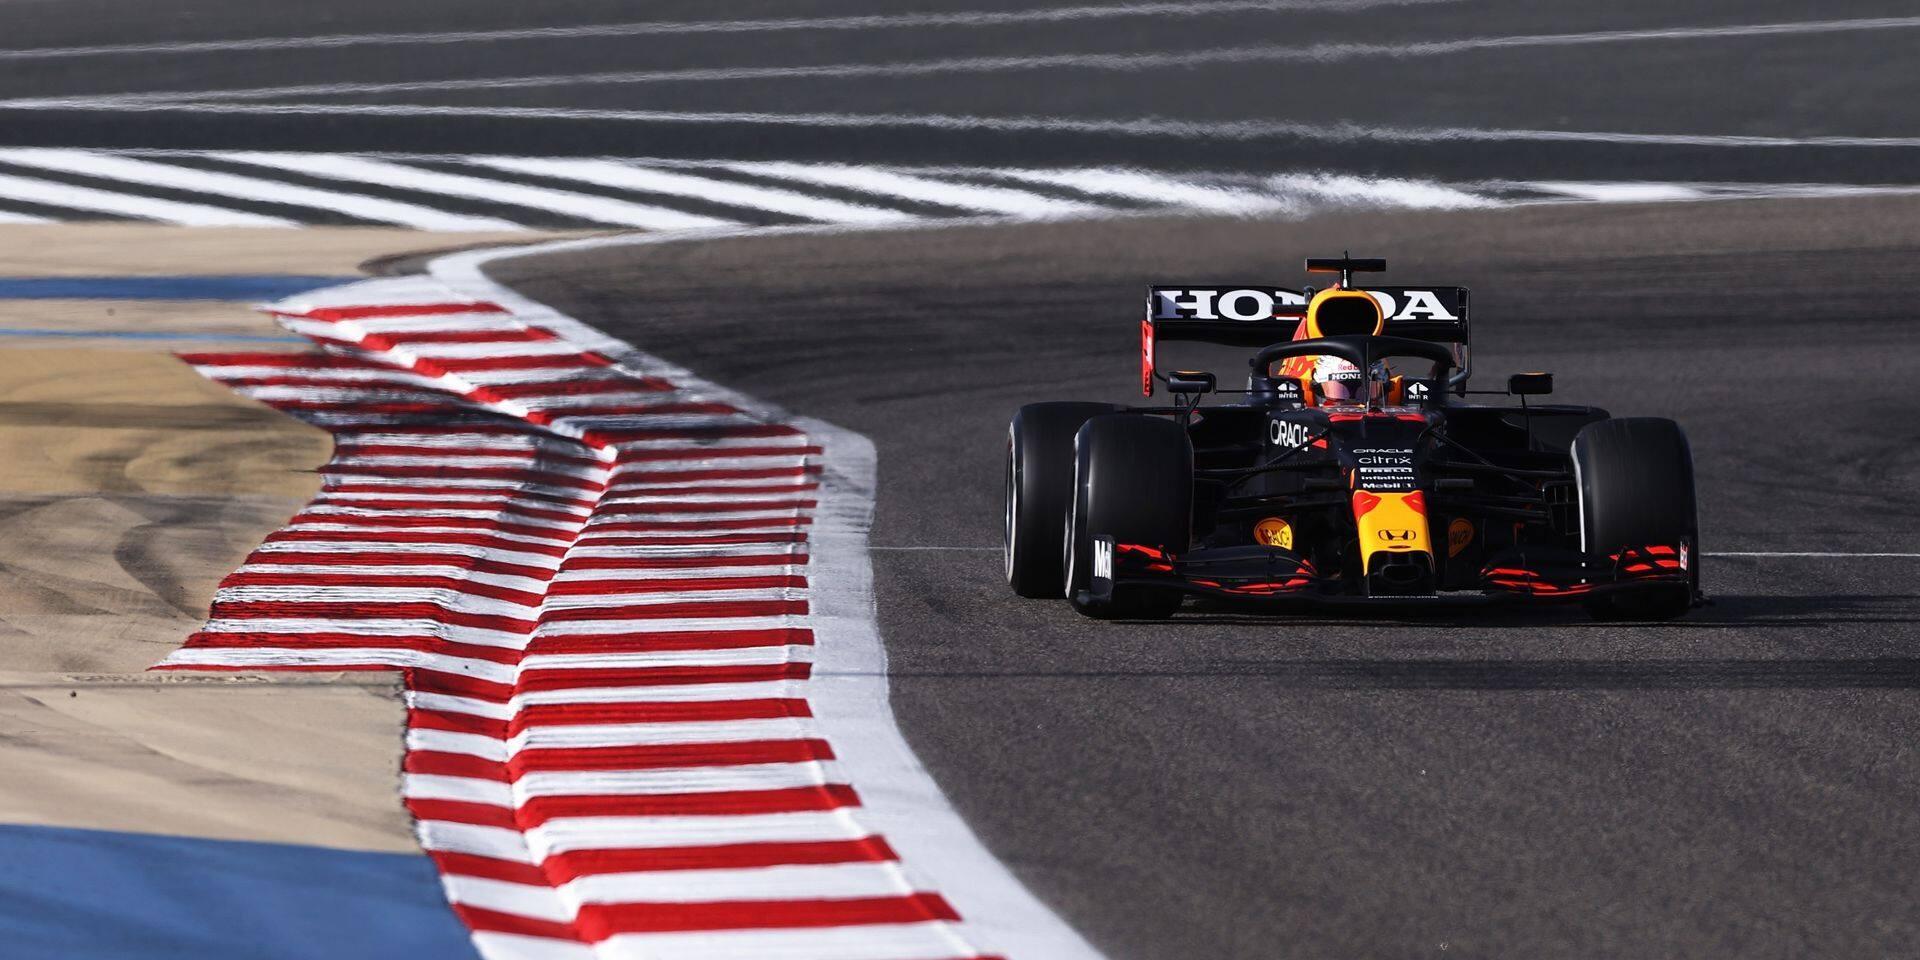 GP de Bahreïn (Libres 3): la passe de trois pour Verstappen, Vettel et Alonso en retrait